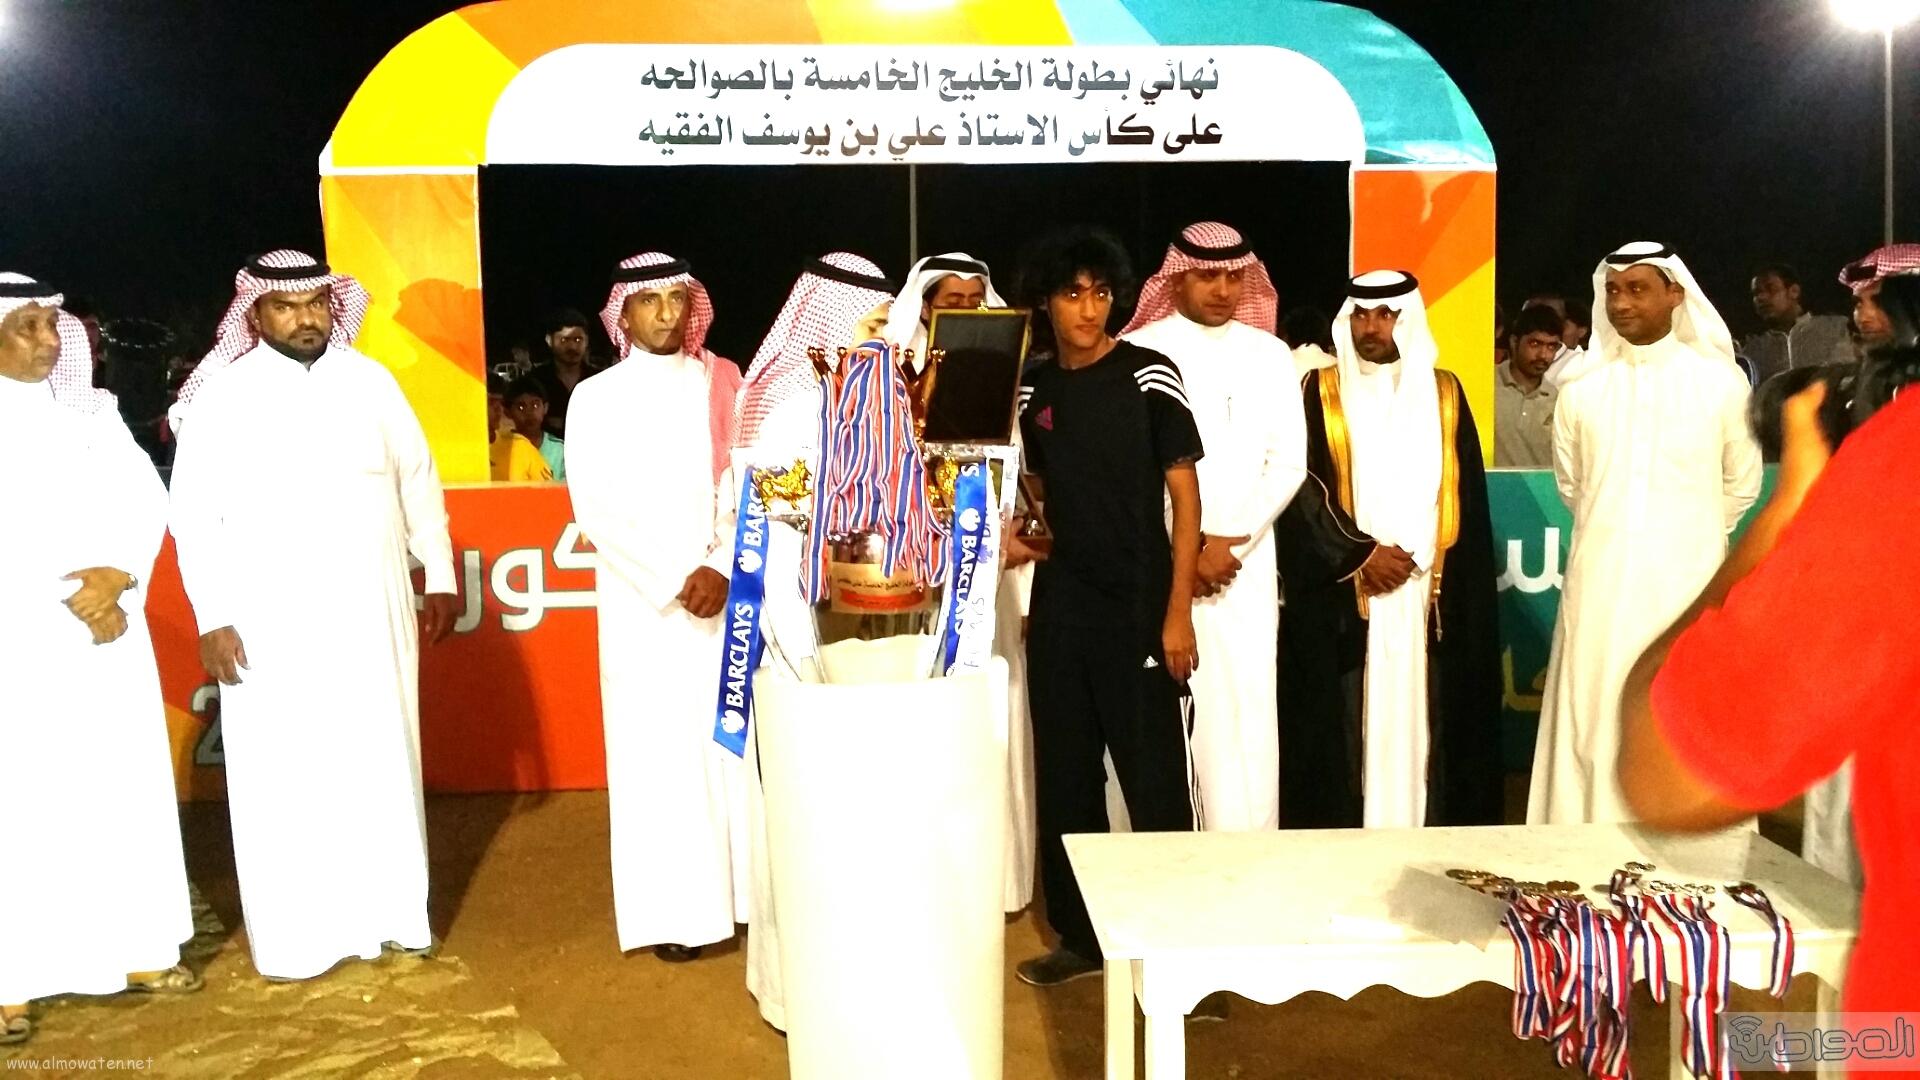 ساحل عسير السحاب يتوّج بطل لدورة الخليج الخامسة (6)